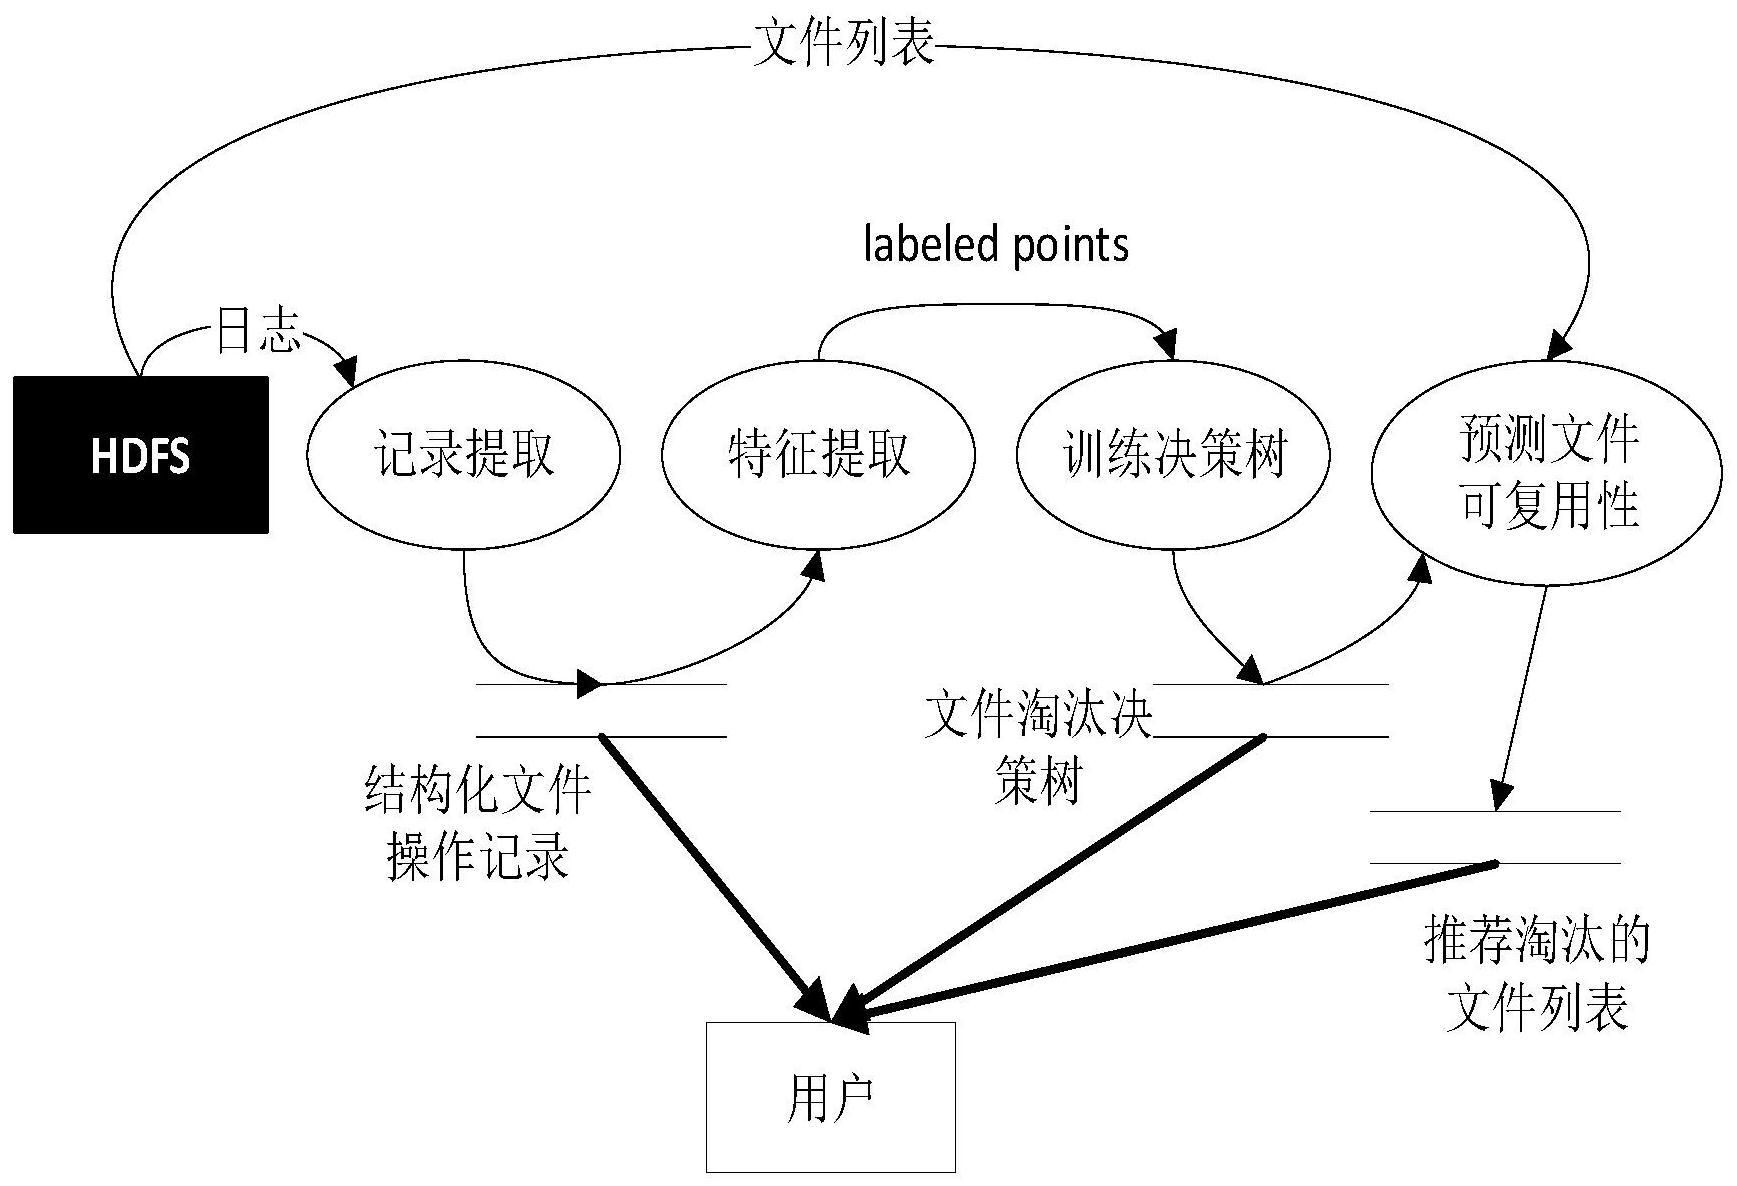 一种针对Hadoop分布式文件系统的存储优化方法